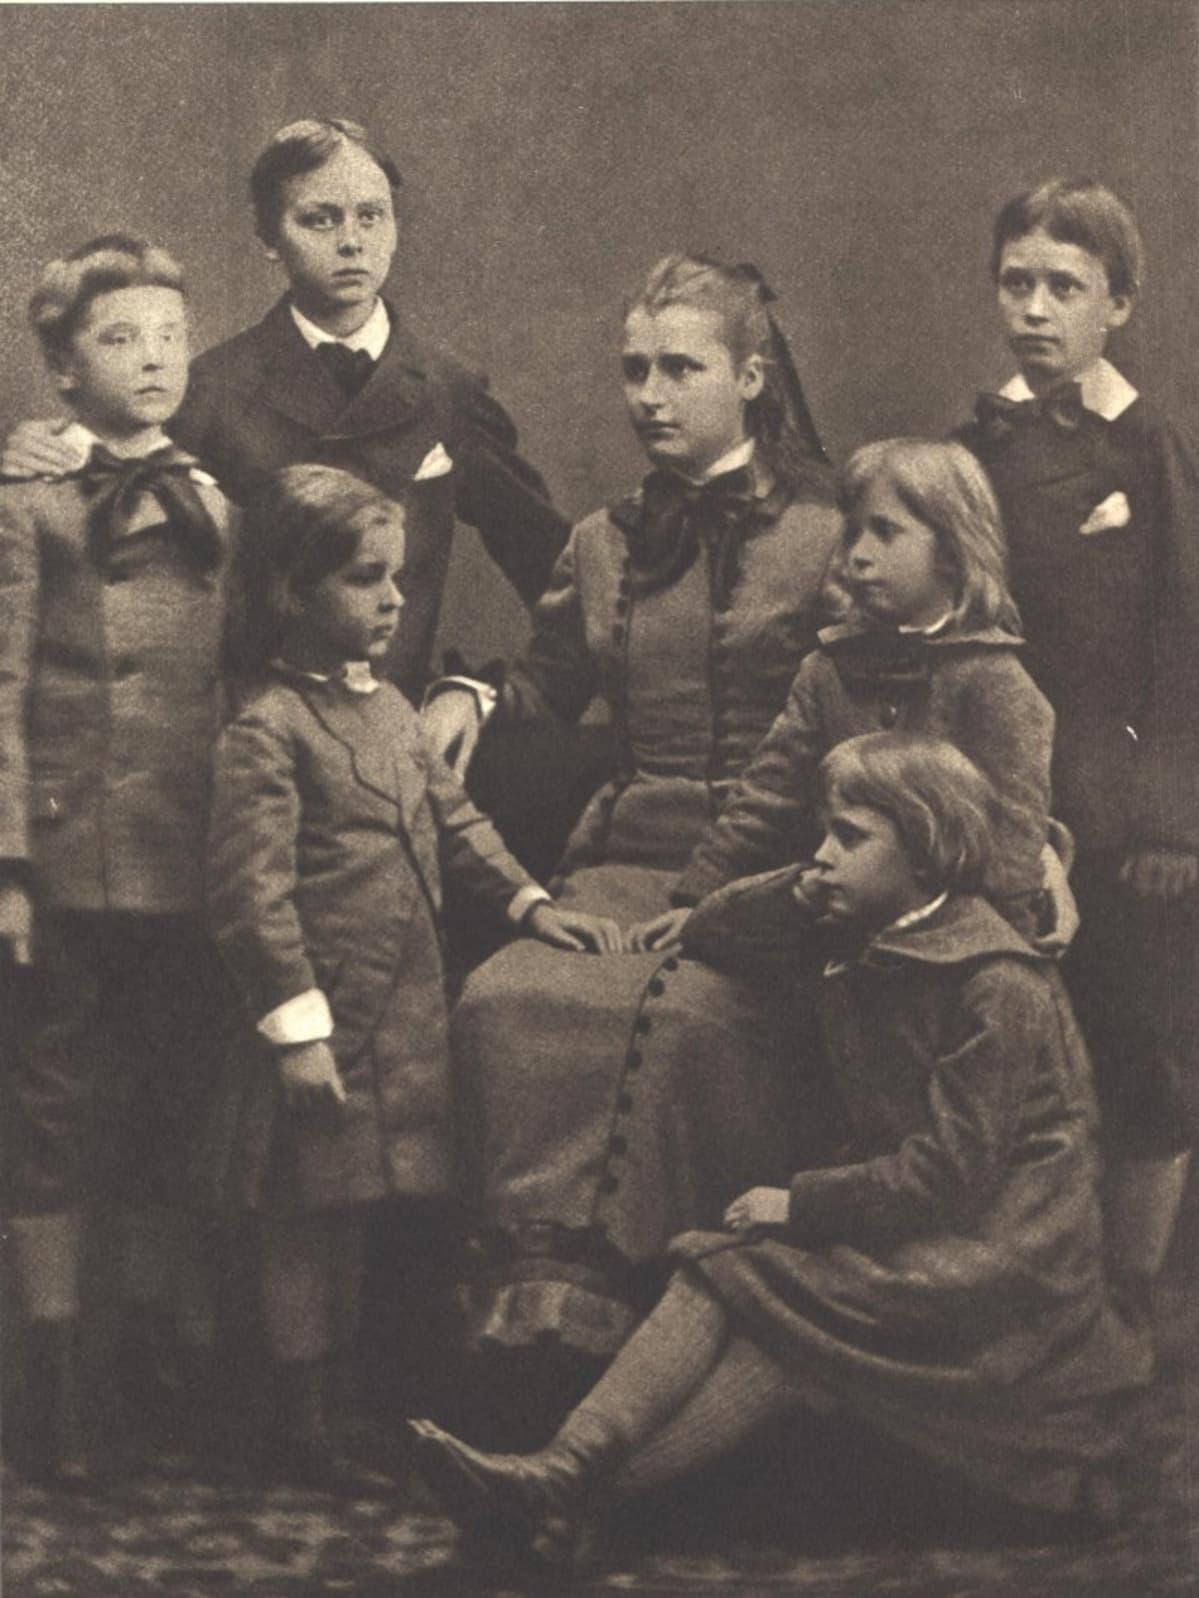 Mannerheimin lapset vuonna 1881.